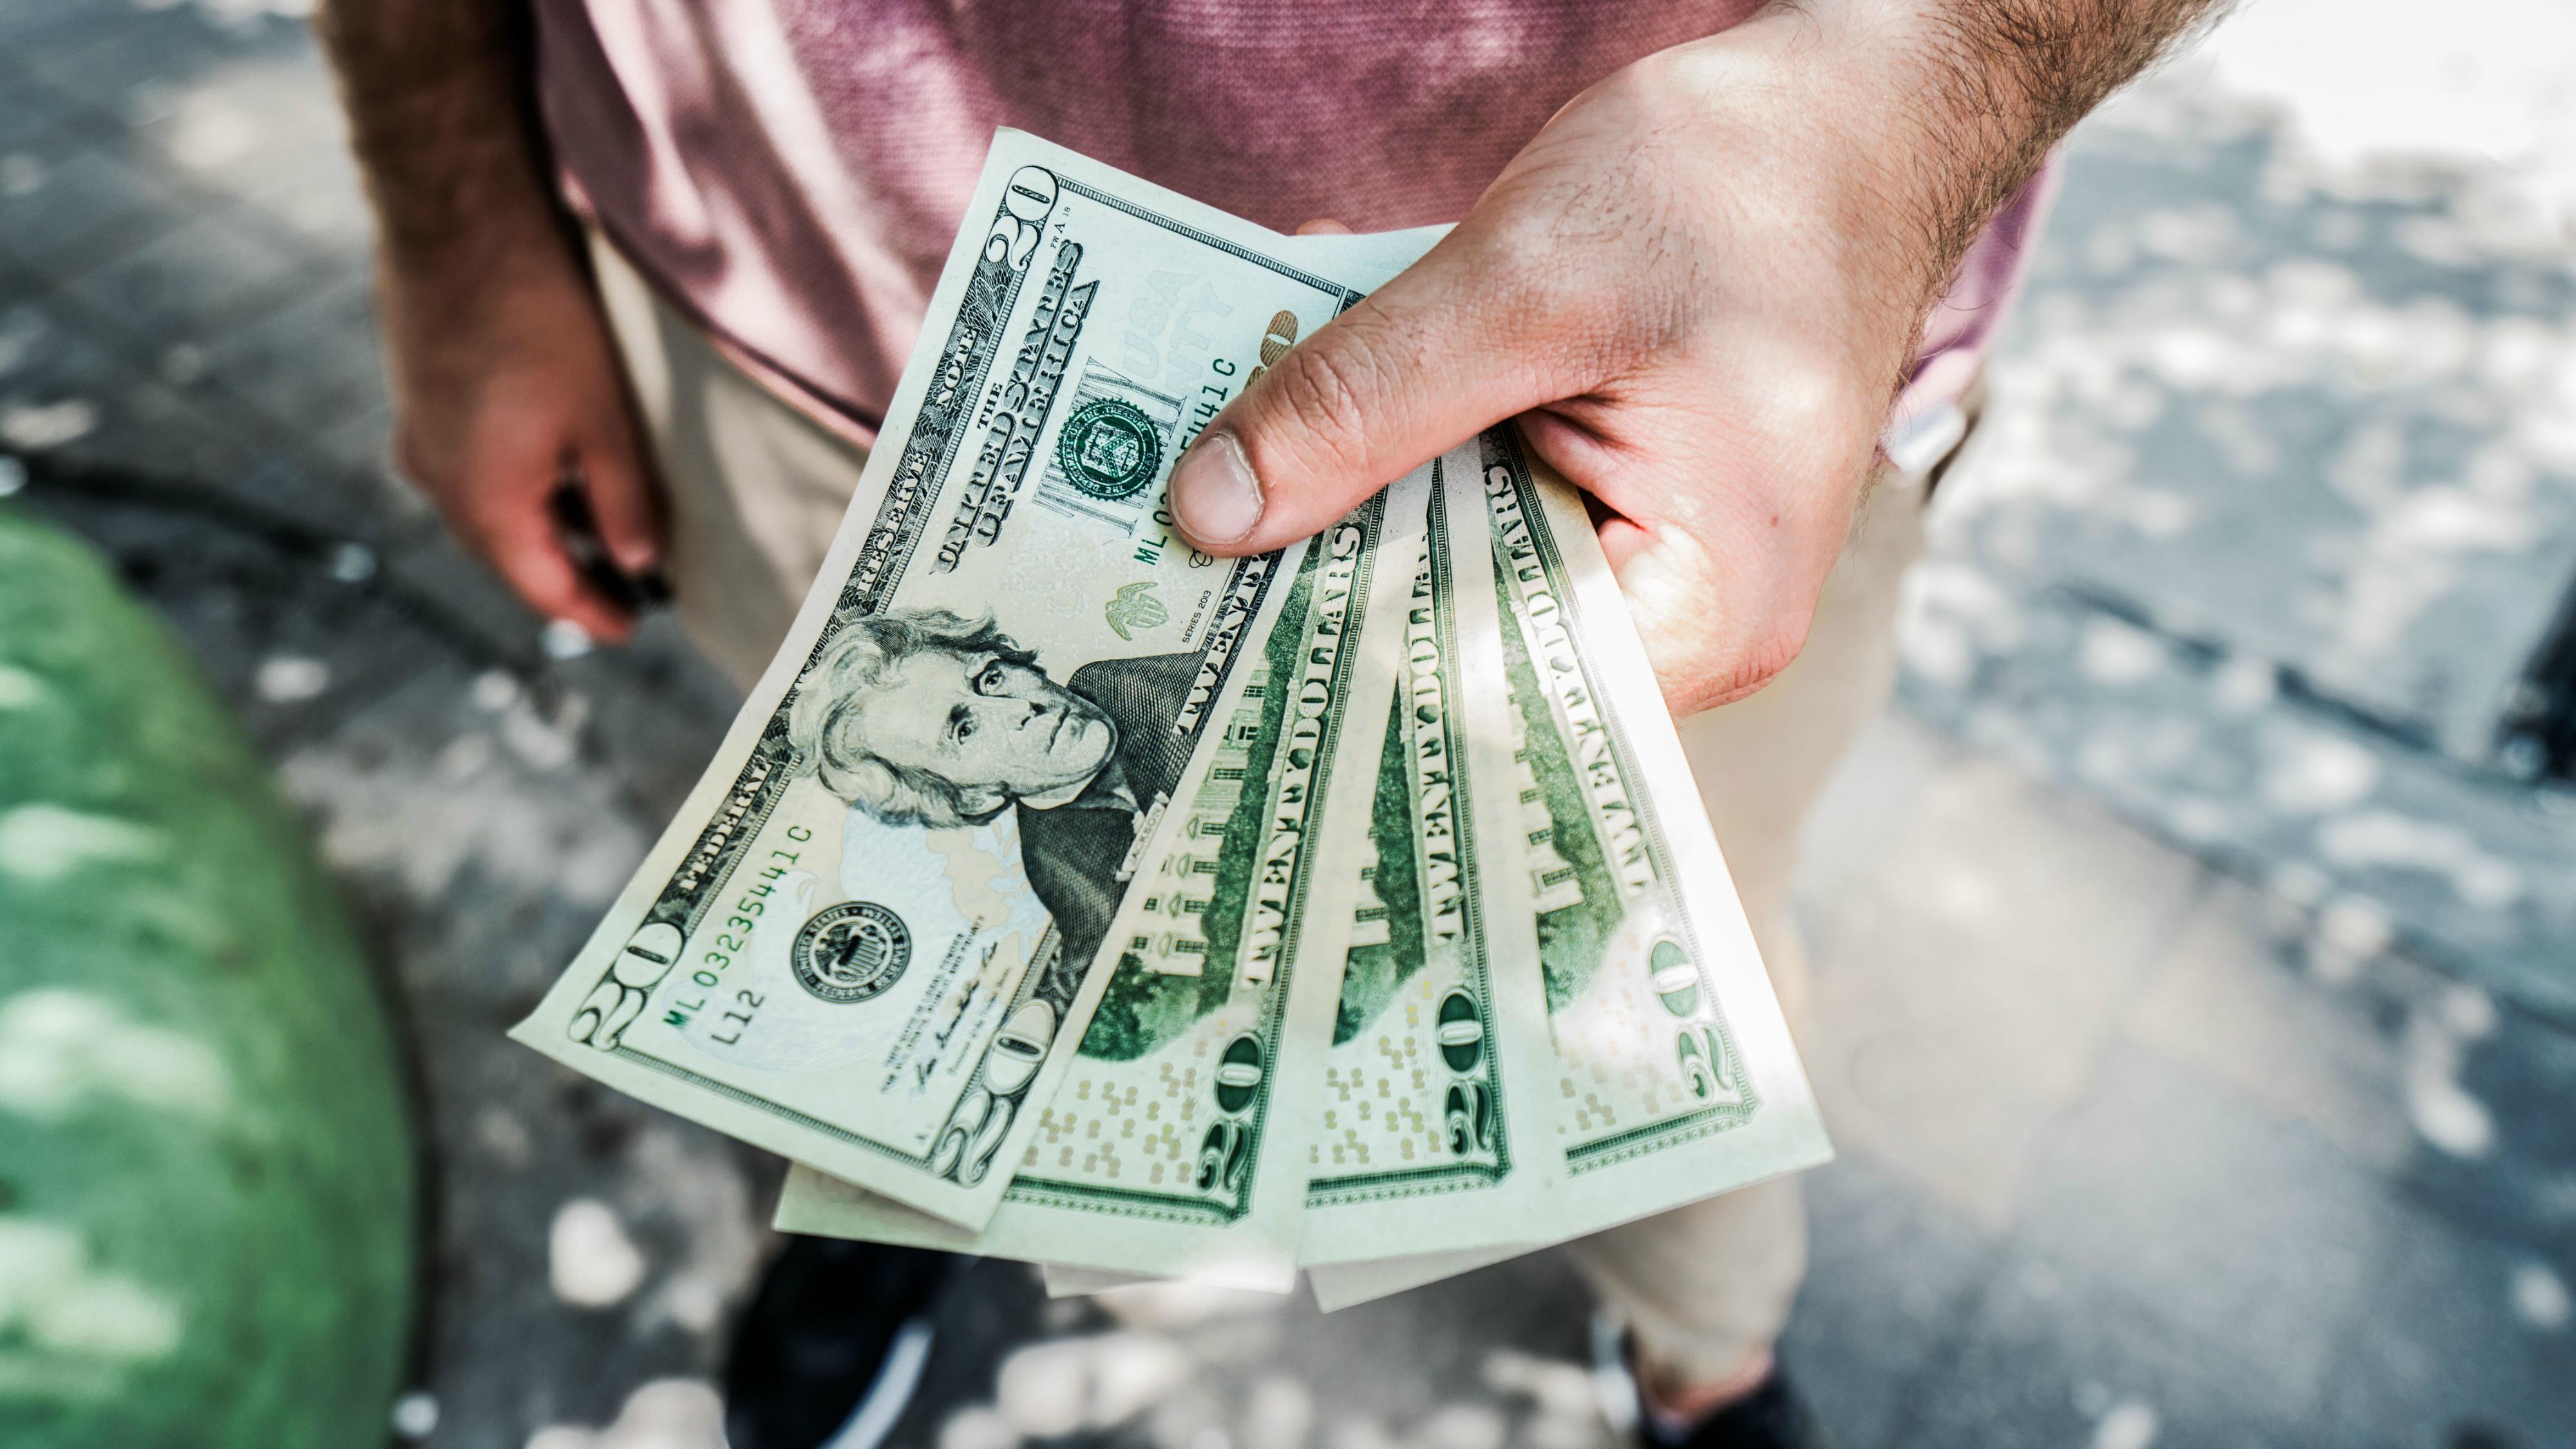 kā daudz nopelnīt vieglu naudu